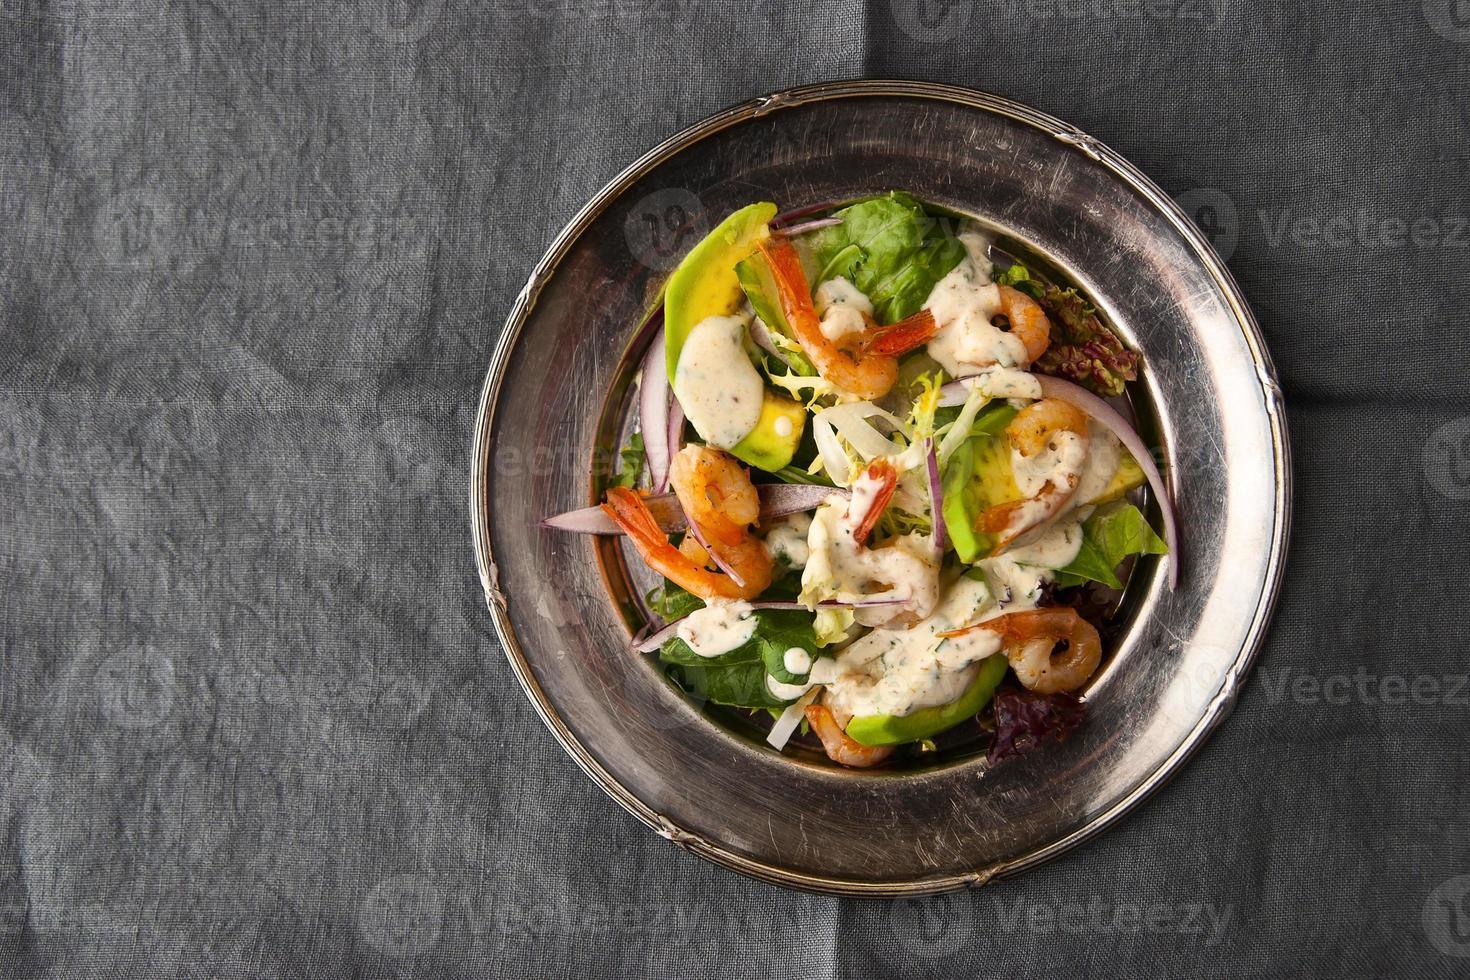 gamberi e insalata di avocado su piastra metallica vintage sulla tovaglia grigia foto